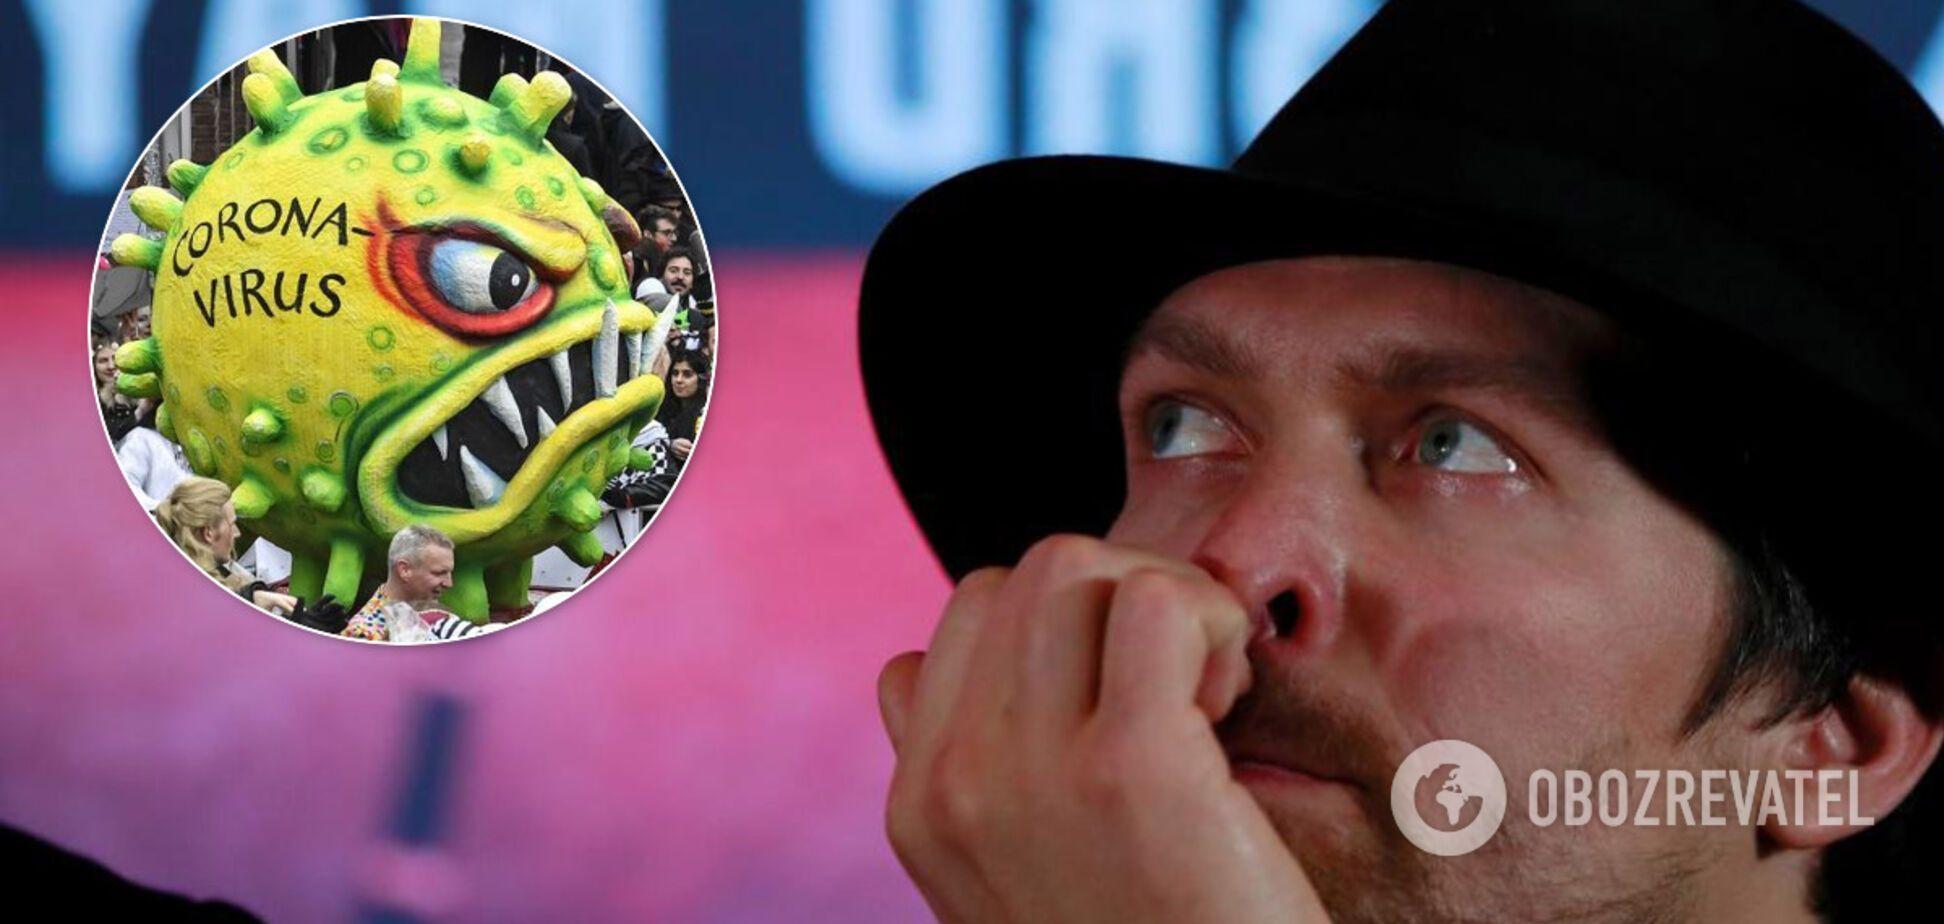 'Пейте воду из-под крана': Усик сказал, как не заболеть коронавирусом